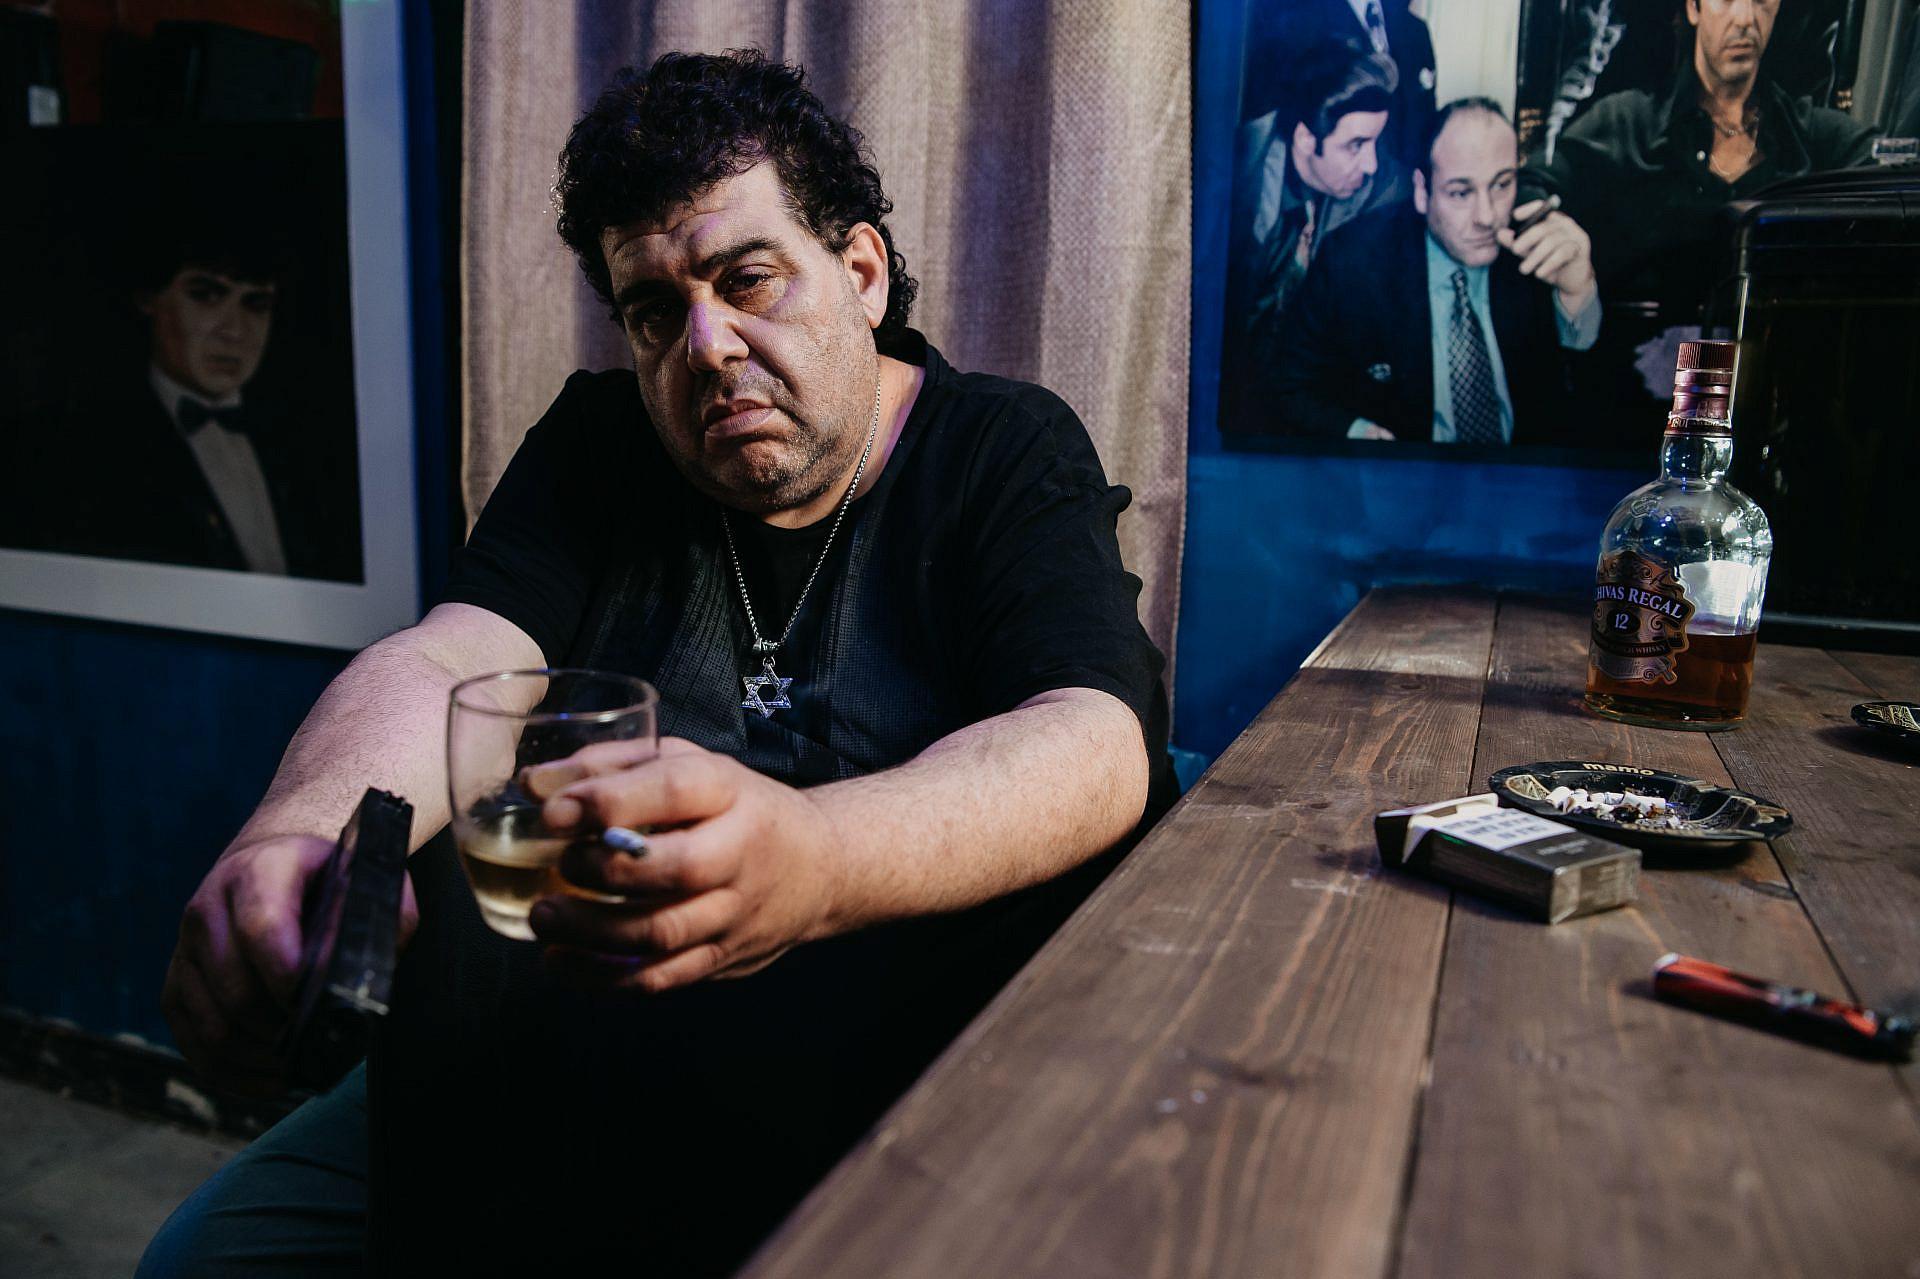 """סינמה פרדיסו גרסת ראשל""""צ. אבי ביטר במועדון הכוכב (צילום: מני שטרית)"""